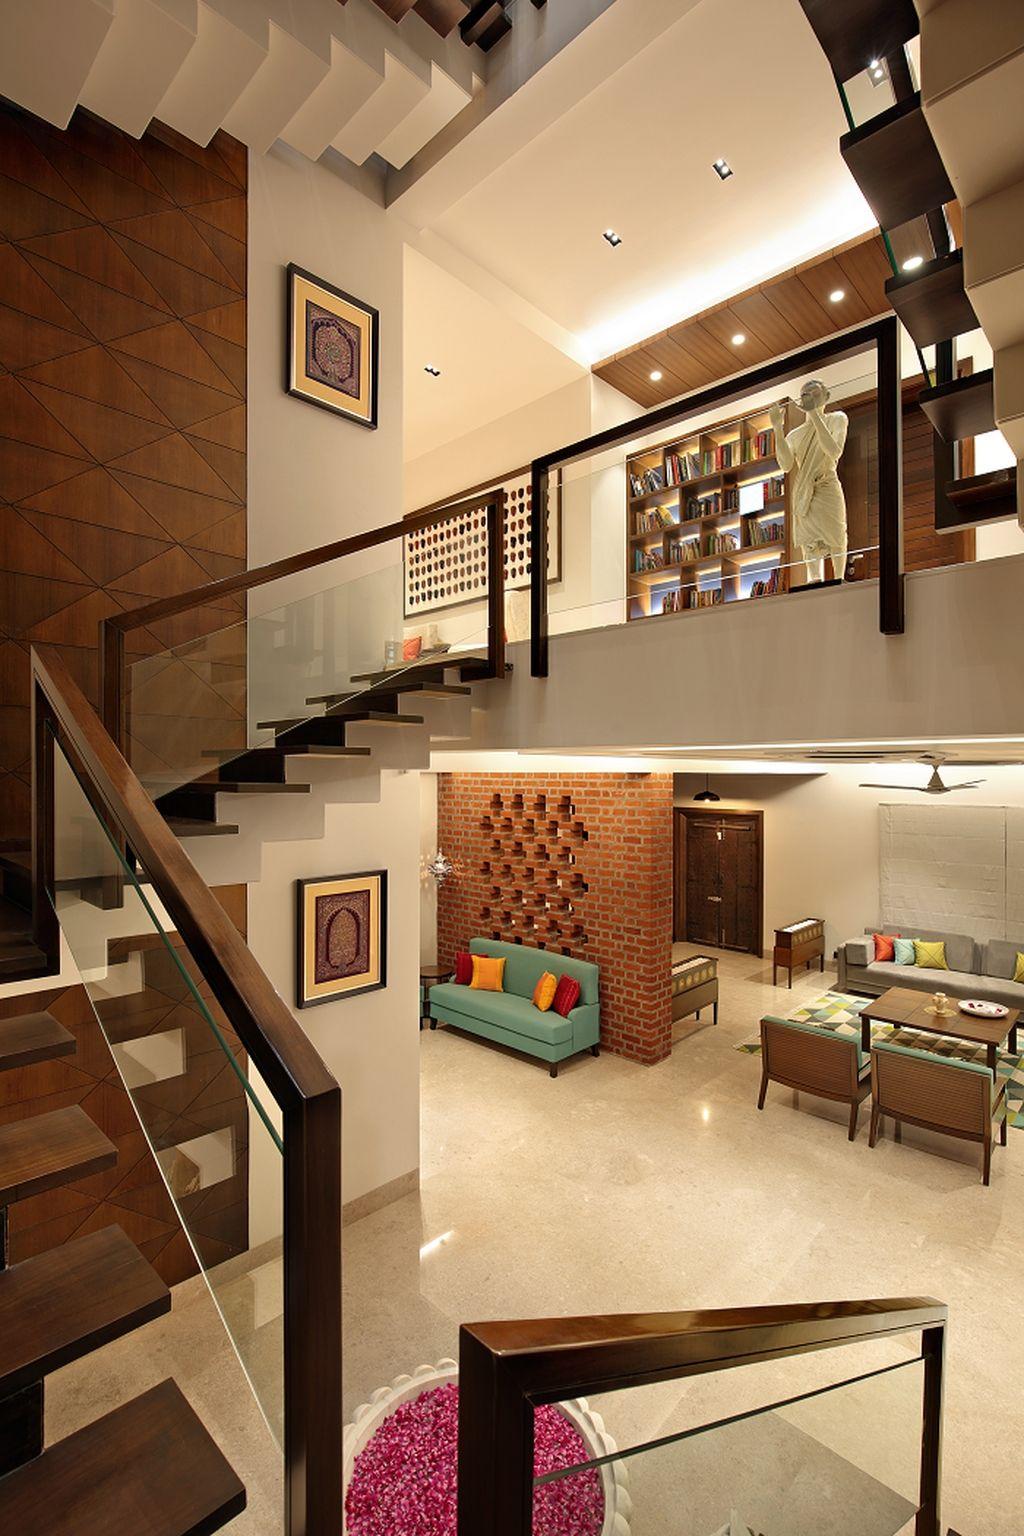 35 Superb Home Interior Design Ideas To Try House Interior Decor Modern Houses Interior Modern House Design